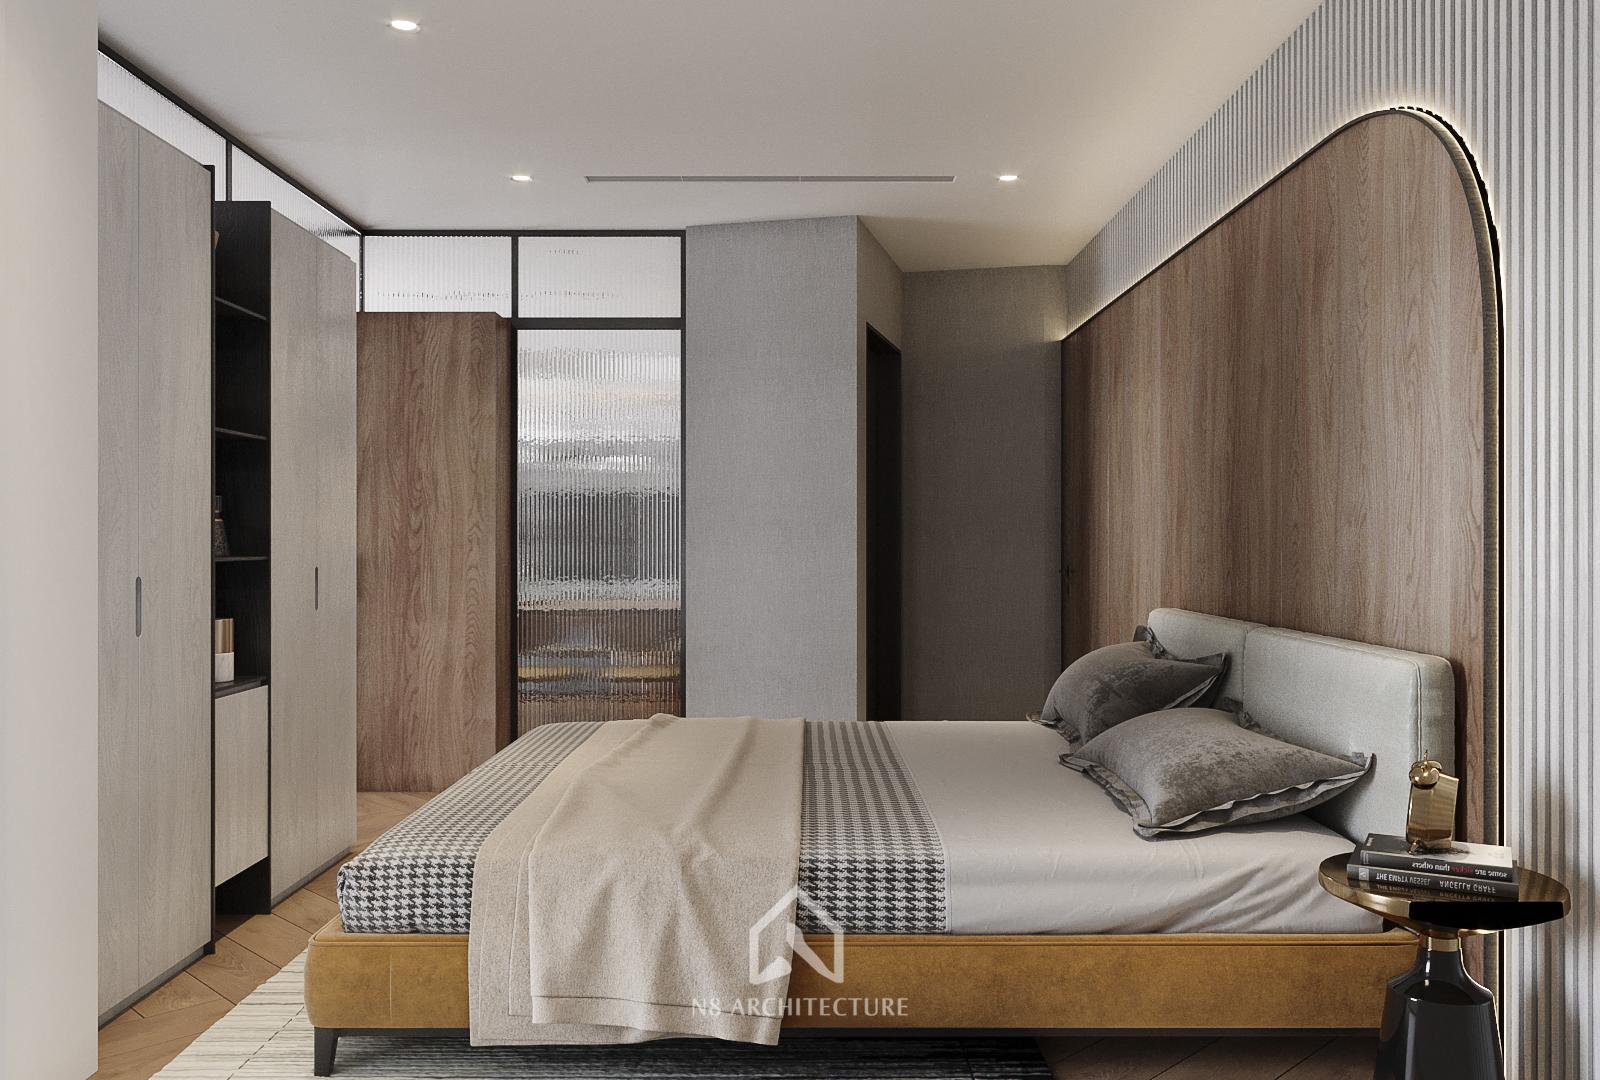 thiết kế nội thất chung cư vinhomes symphony 15